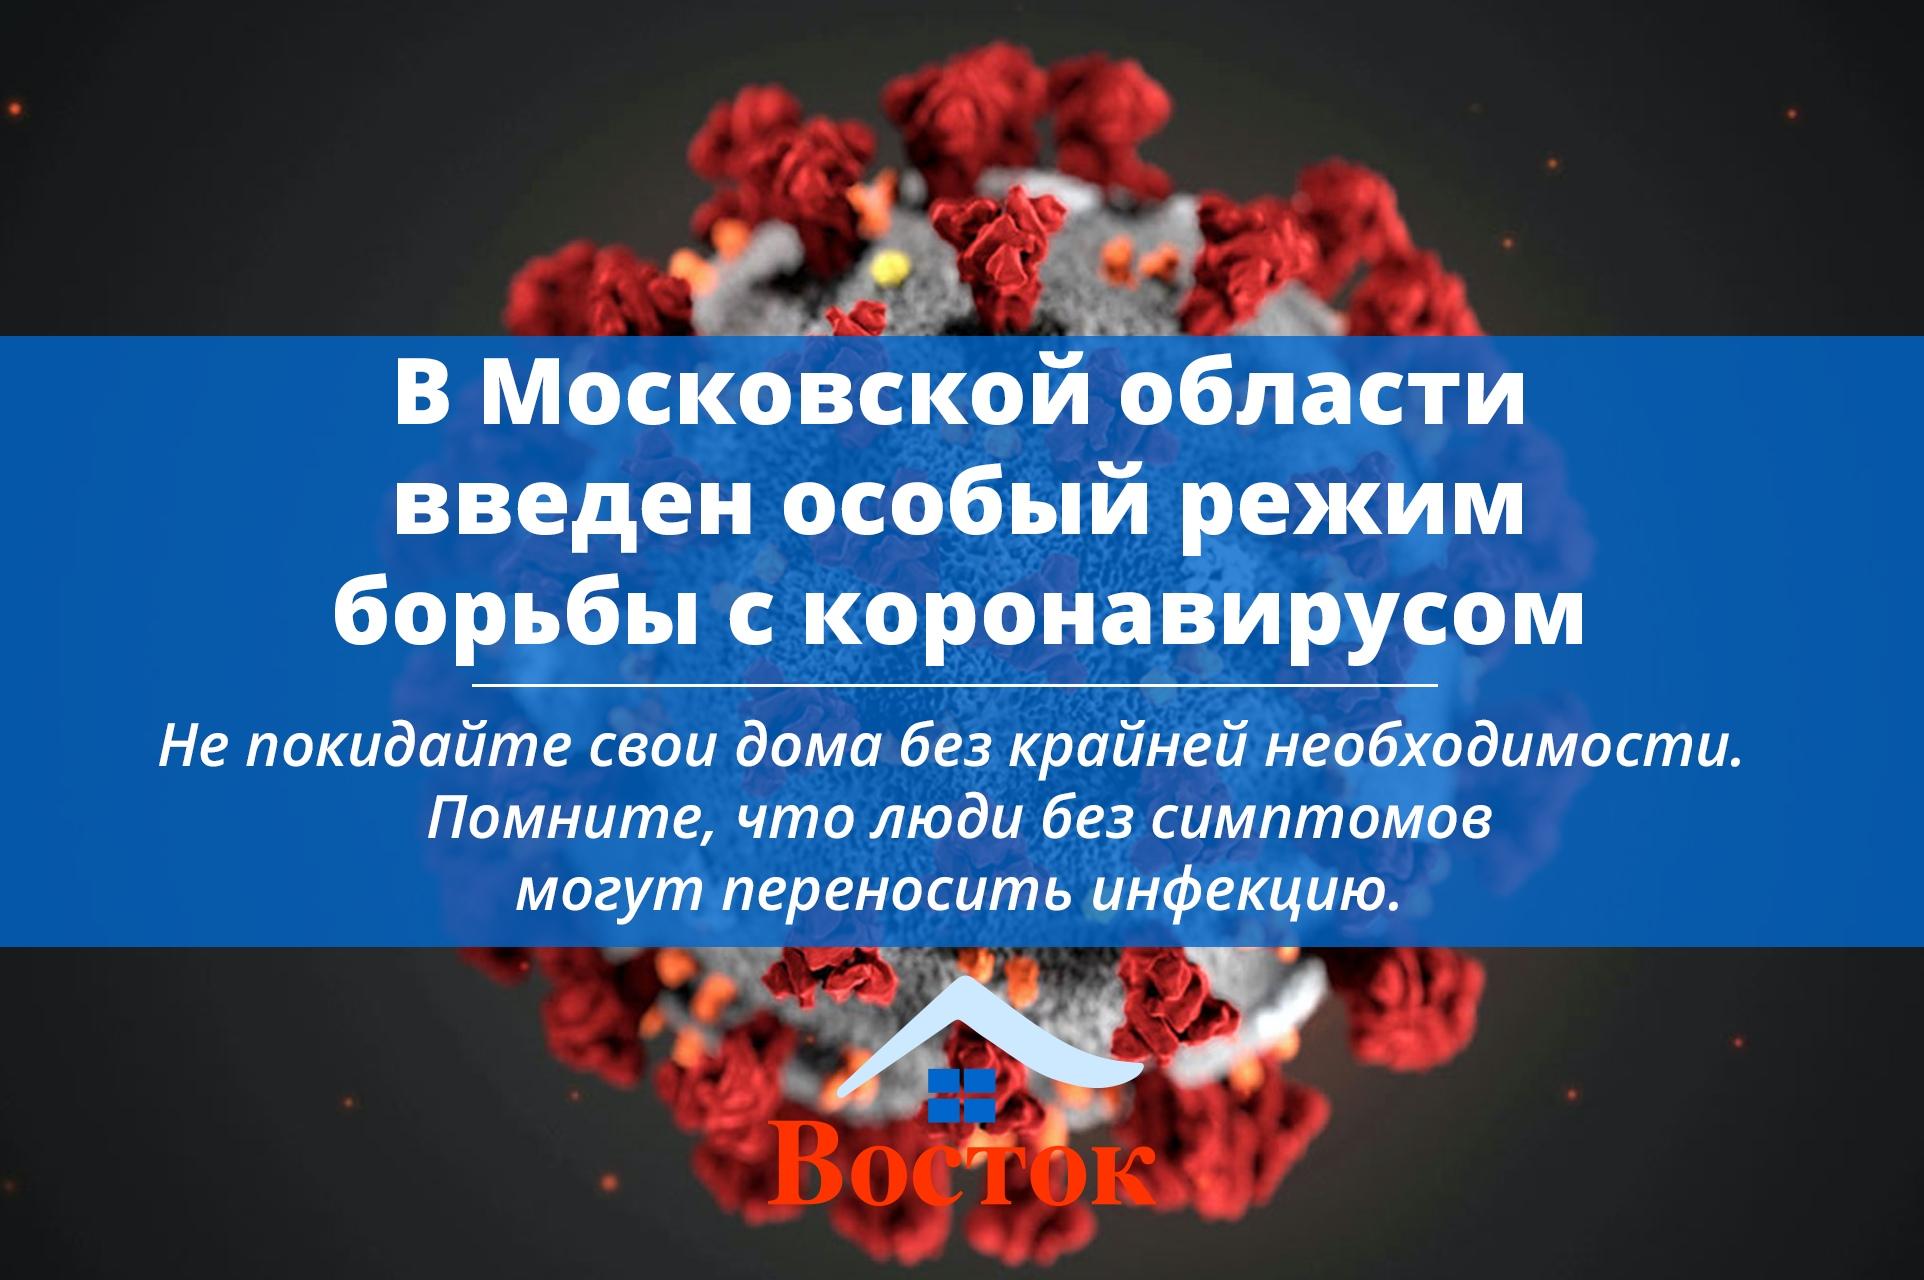 В Московской области введен особый режим борьбы с коронавирусом